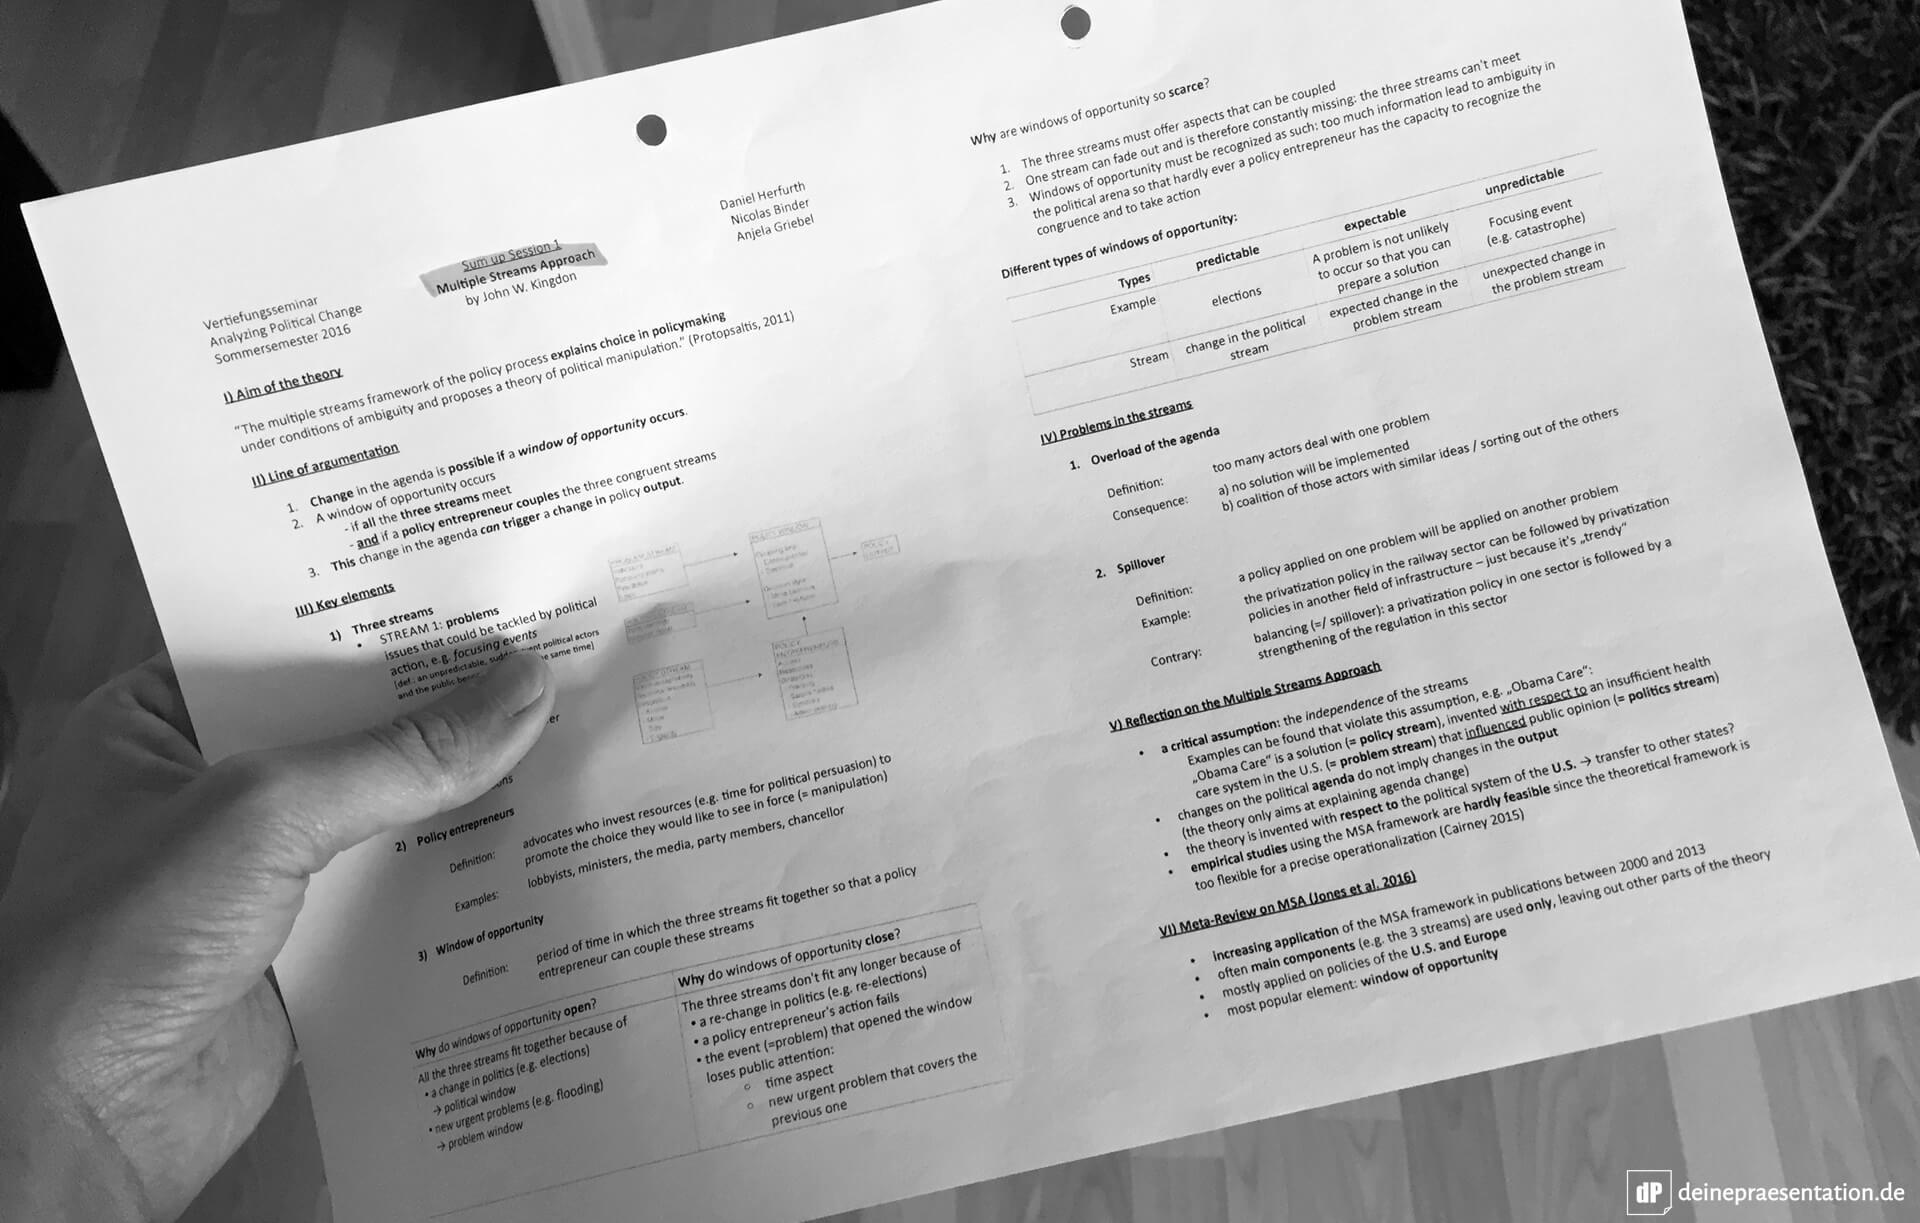 Mitschüler beispiele texte über abizeitung Abizeitung Text